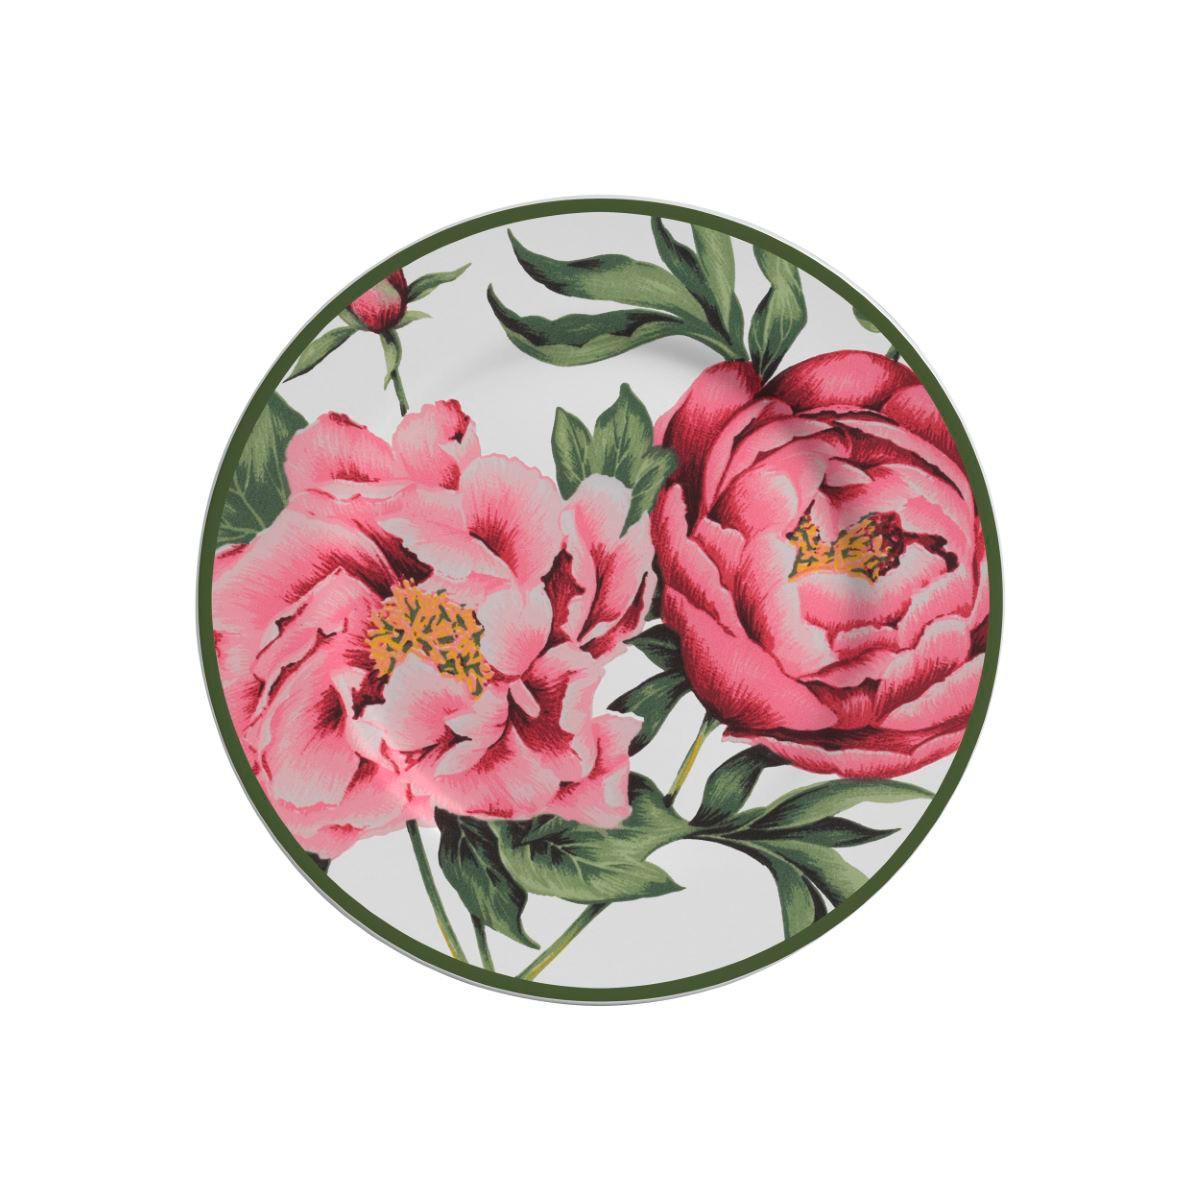 Prato Sobremesa Peony Rose Cerâmica Alleanza - 6 Peças